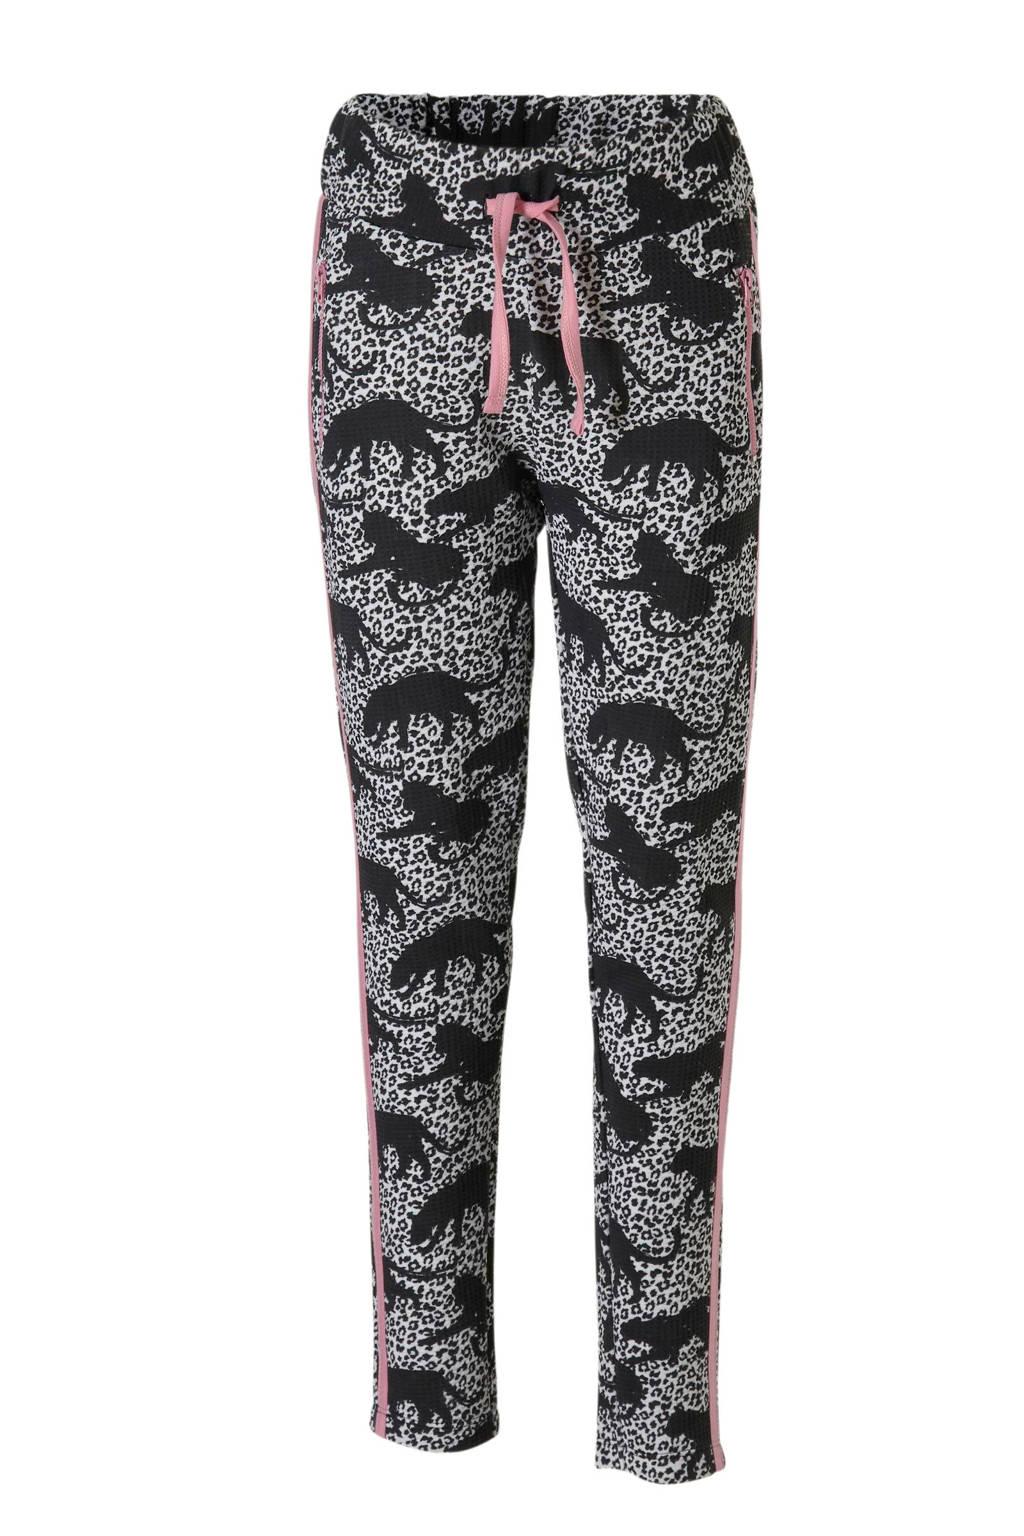 DJ Dutchjeans broek met allover print zwart, Zwart/roze